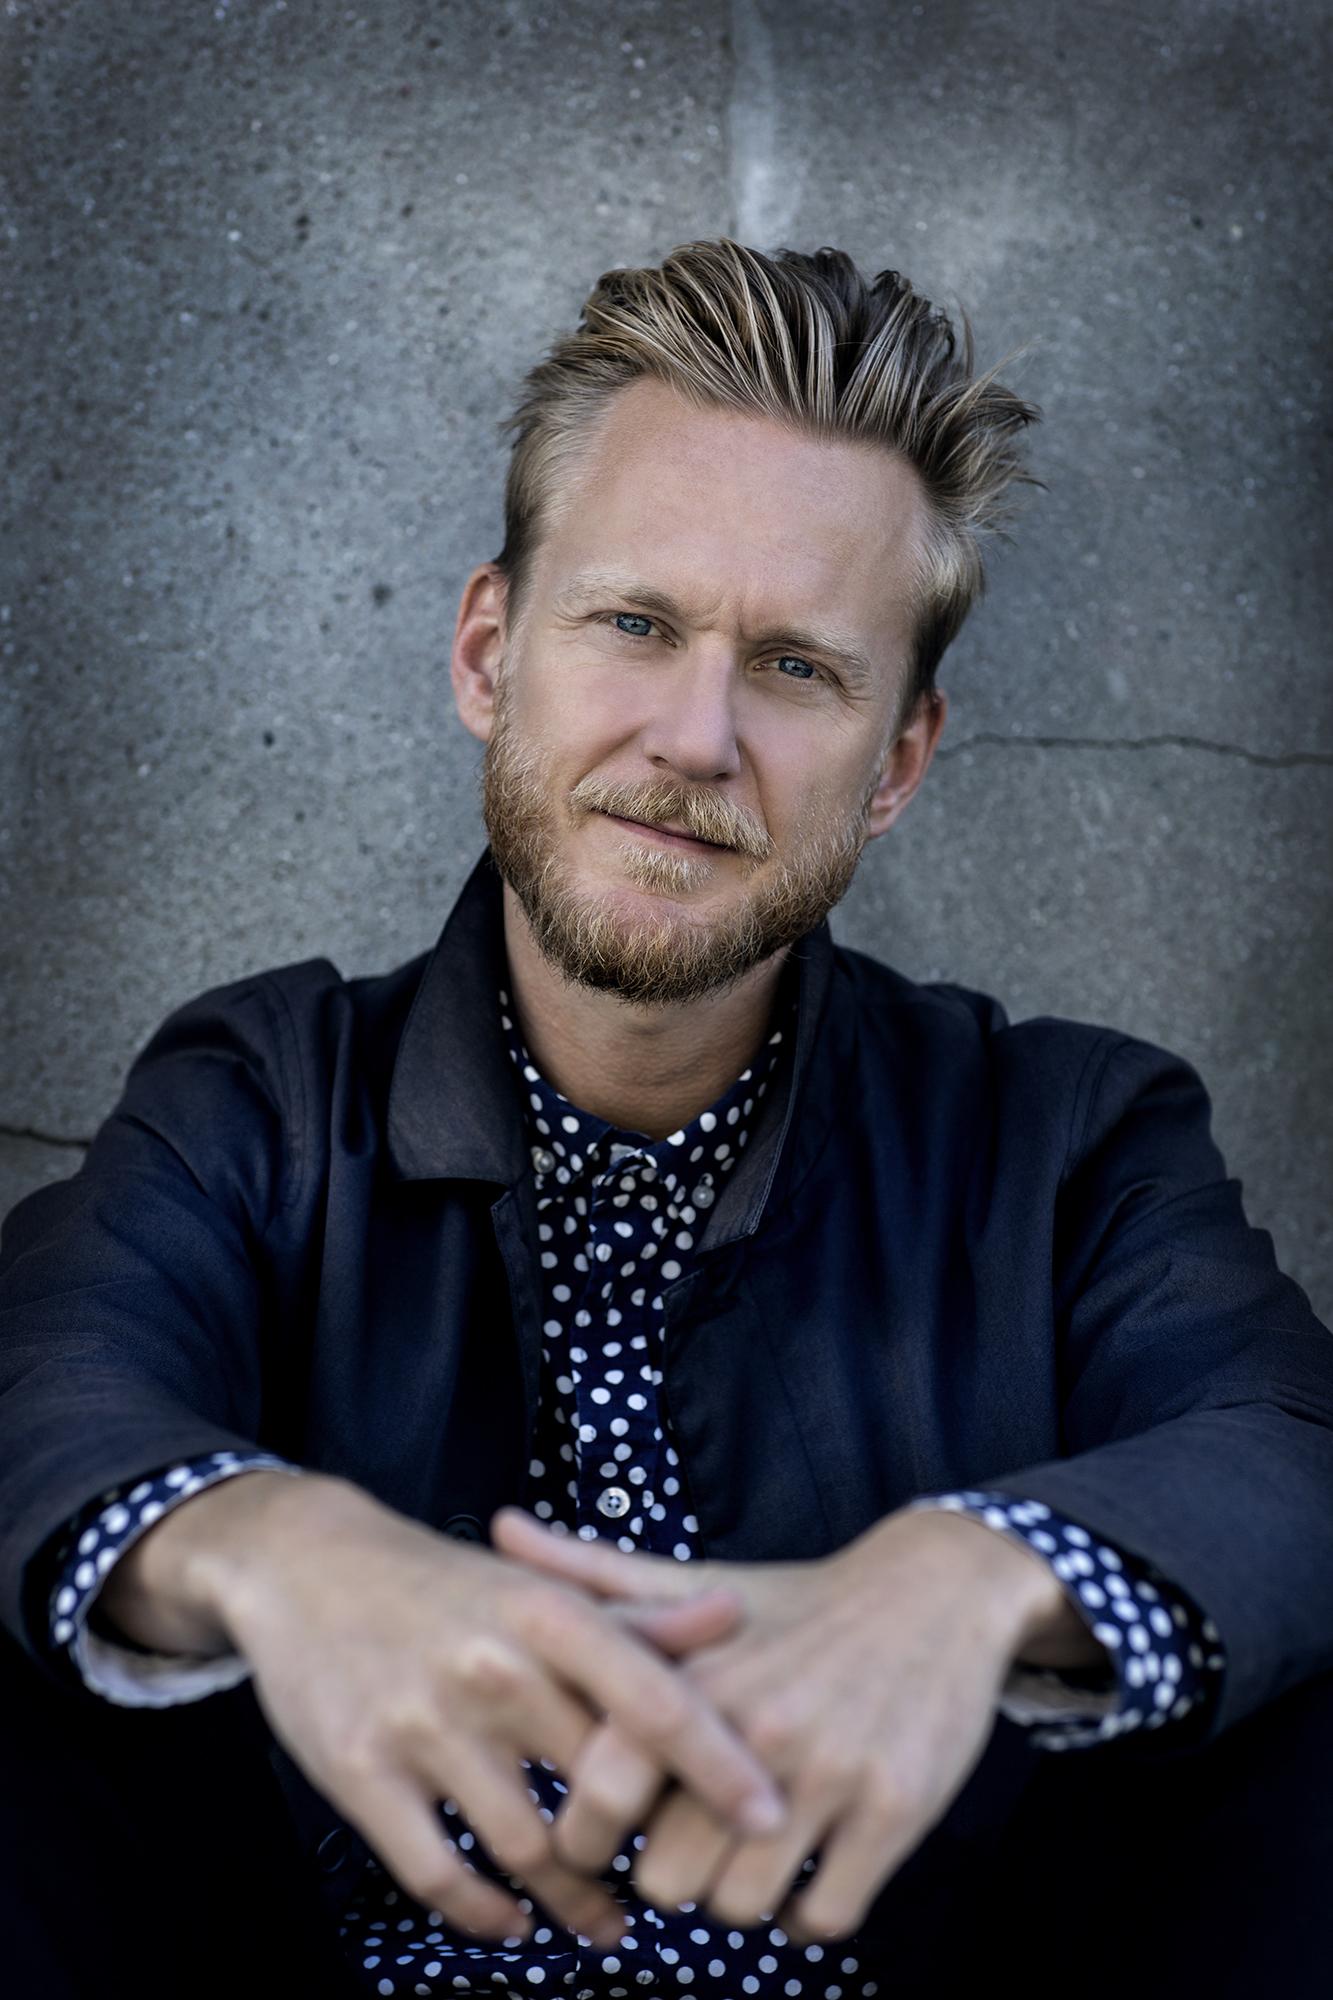 Danish comedian Huxi Bach